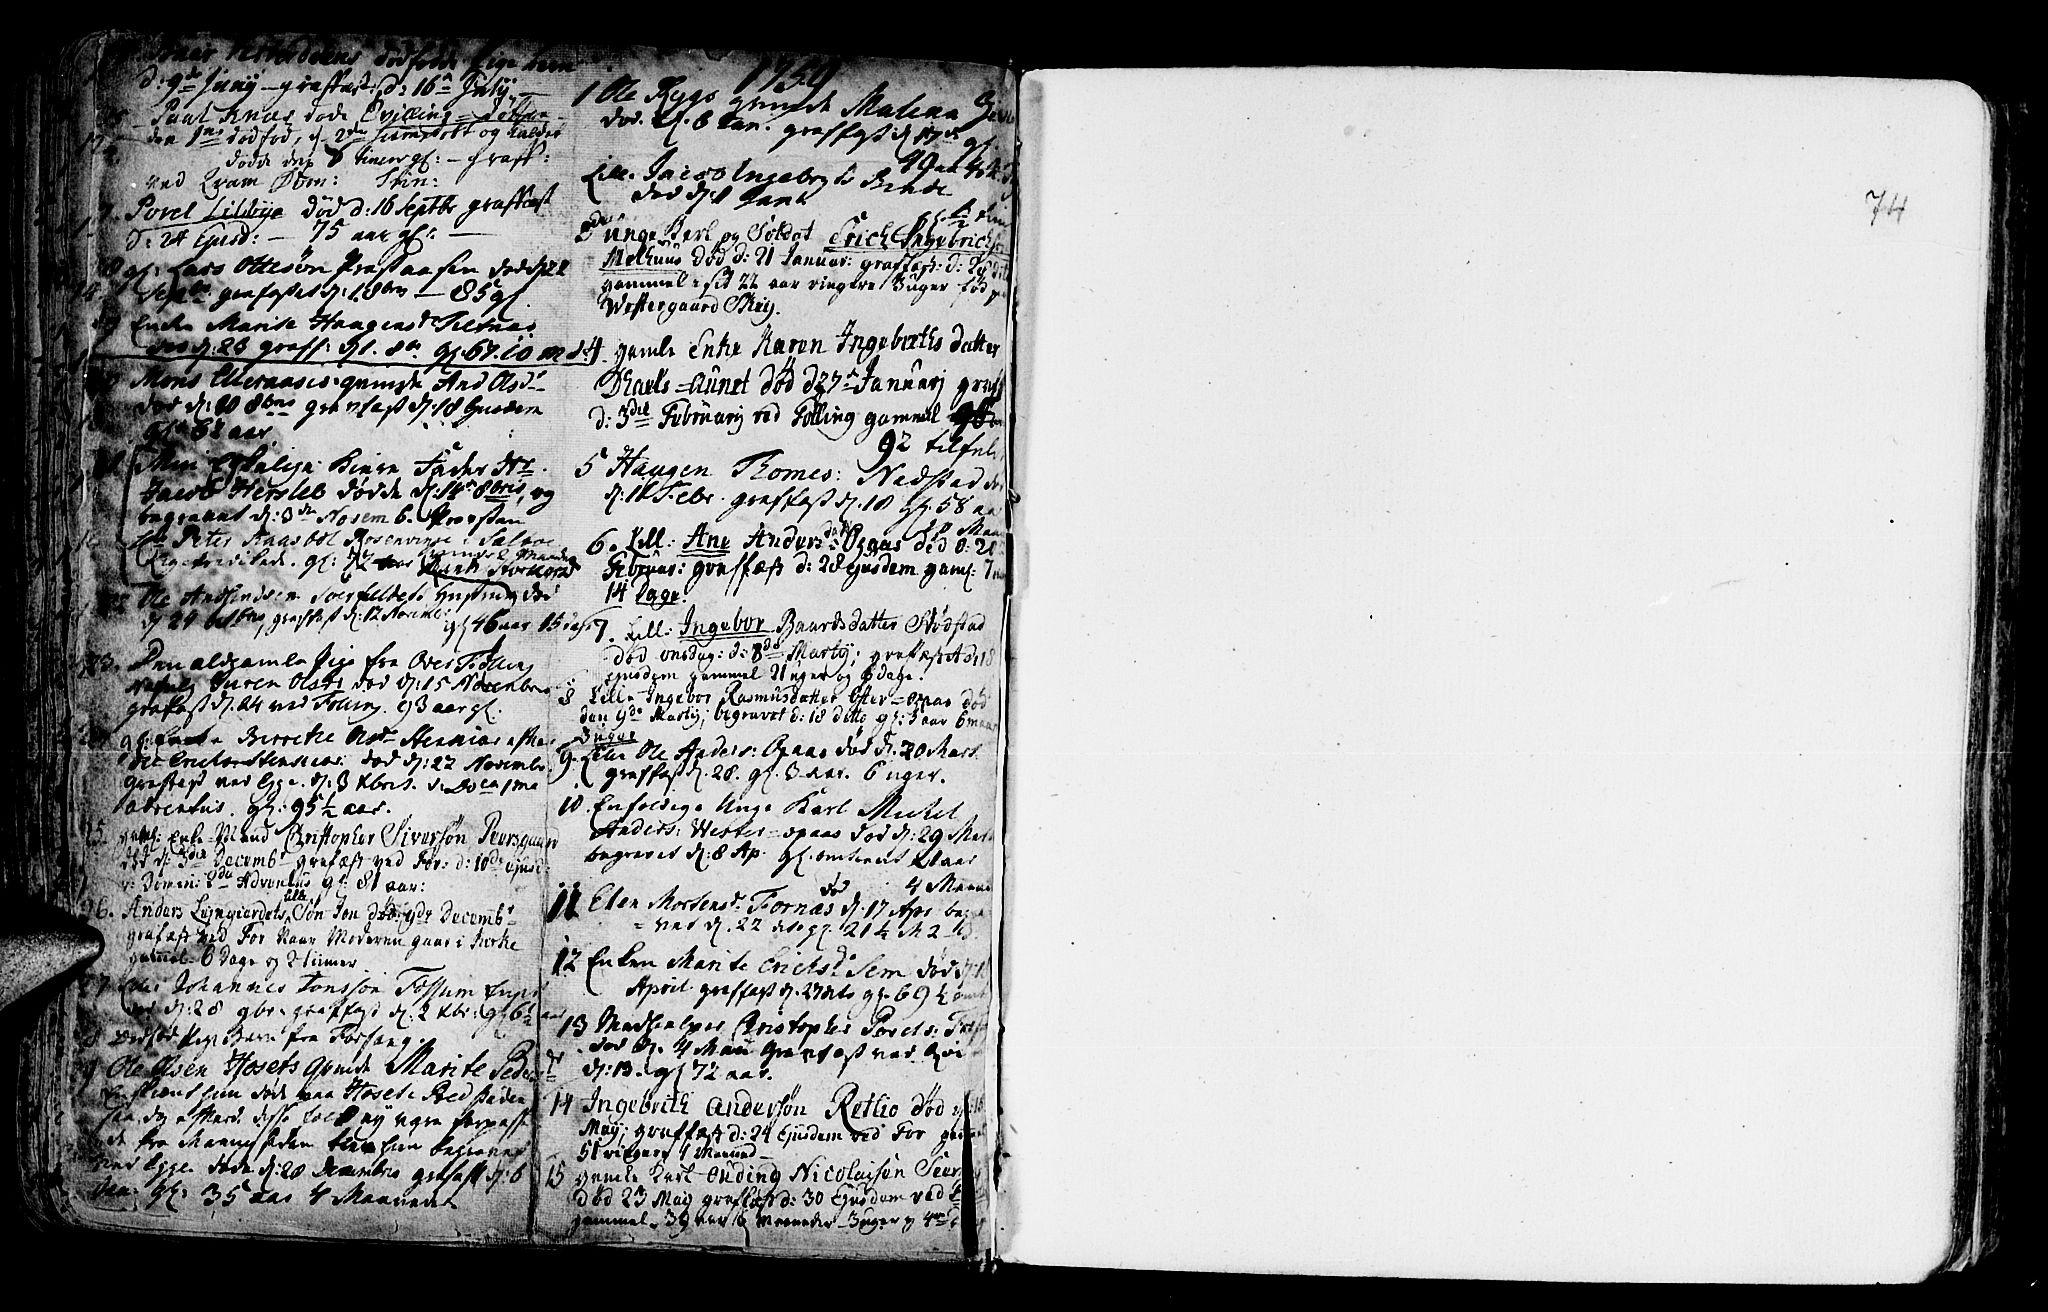 SAT, Ministerialprotokoller, klokkerbøker og fødselsregistre - Nord-Trøndelag, 746/L0439: Ministerialbok nr. 746A01, 1688-1759, s. 74